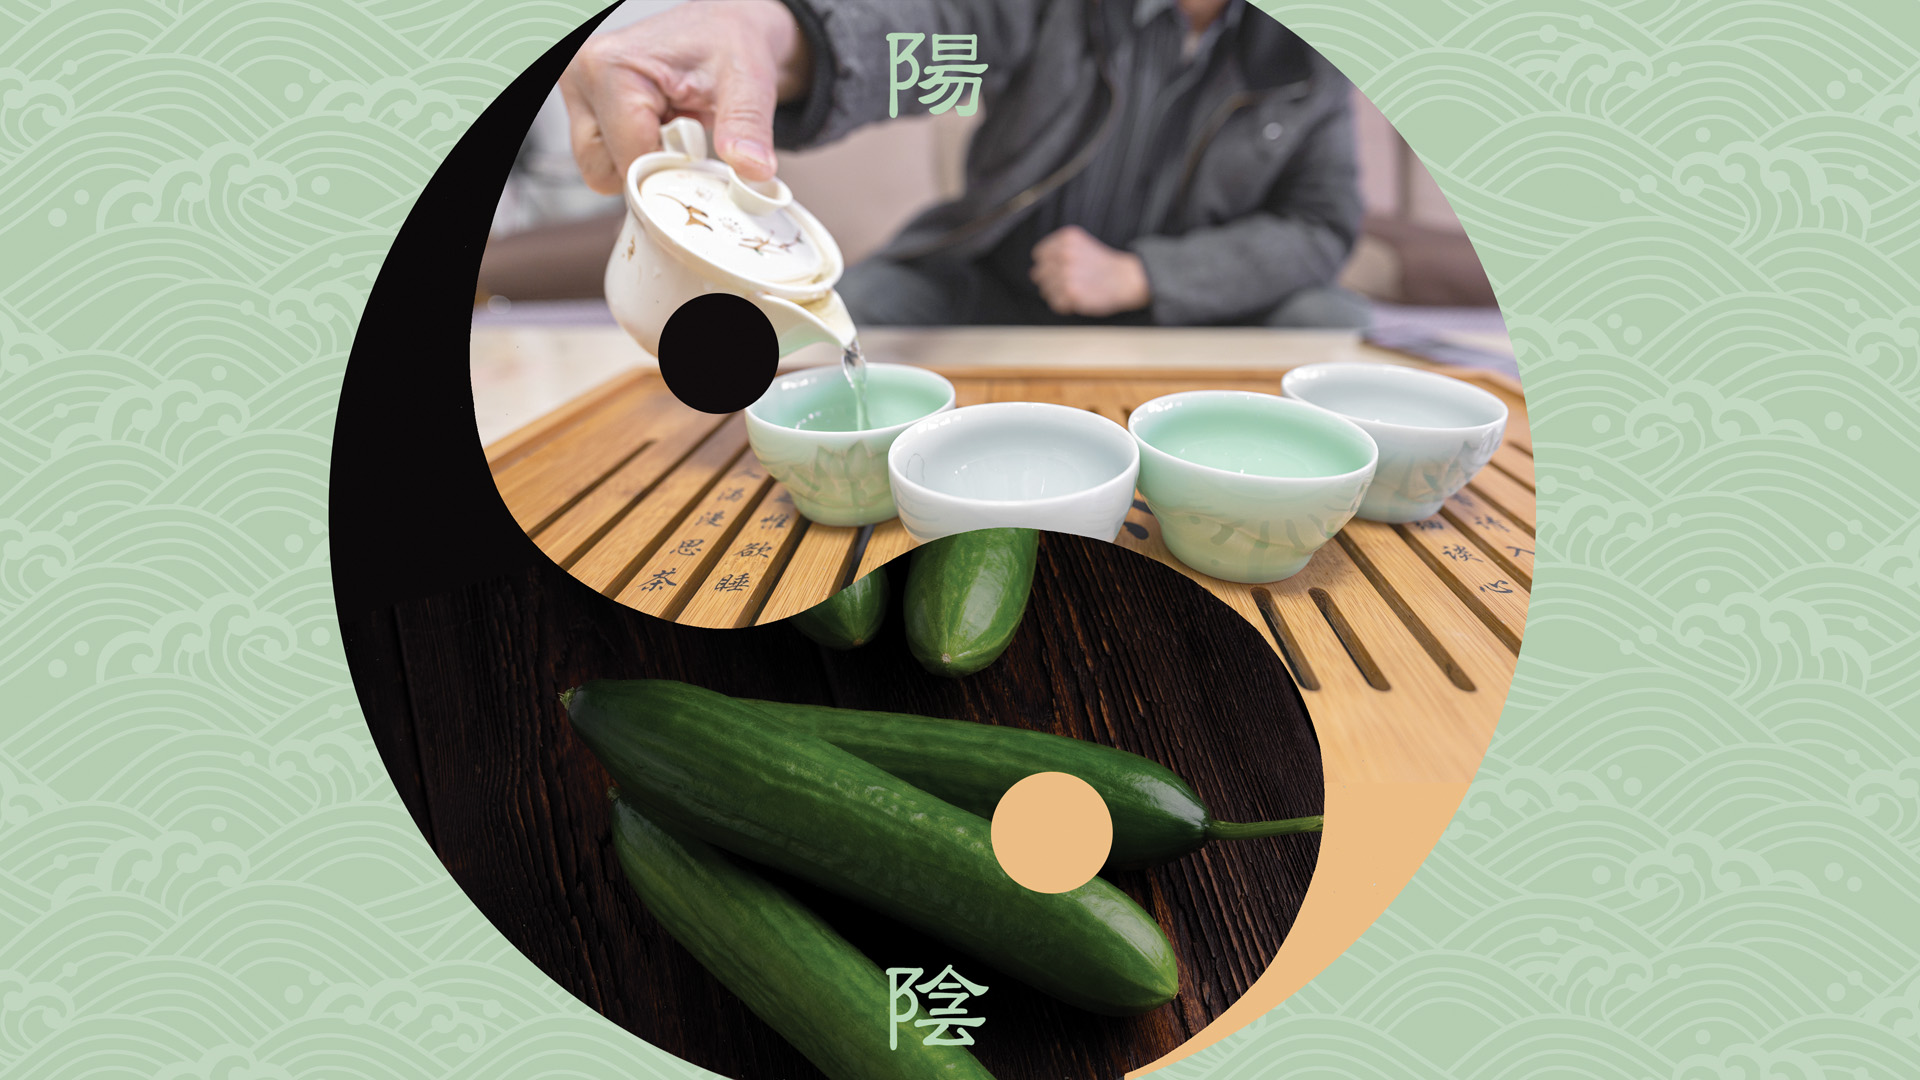 Kínai tipphegy: így élhető túl lazán a nyári hőség